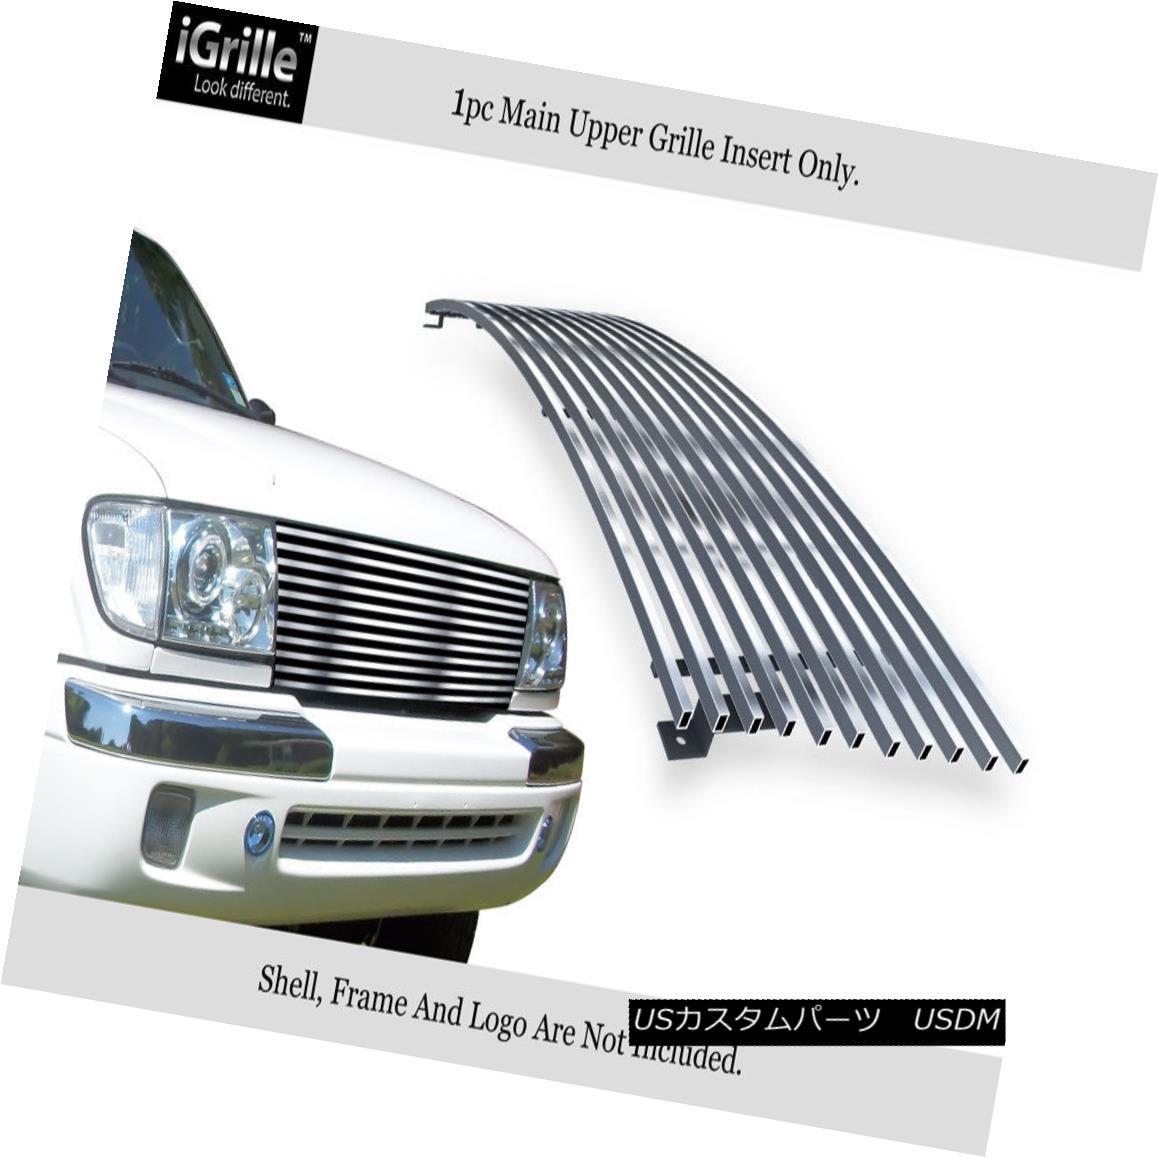 グリル Fits 98-00 Toyota Tacoma Stainless Steel Billet Grille Insert フィット98-00トヨタタコマステンレス鋼ビレットグリルインサート